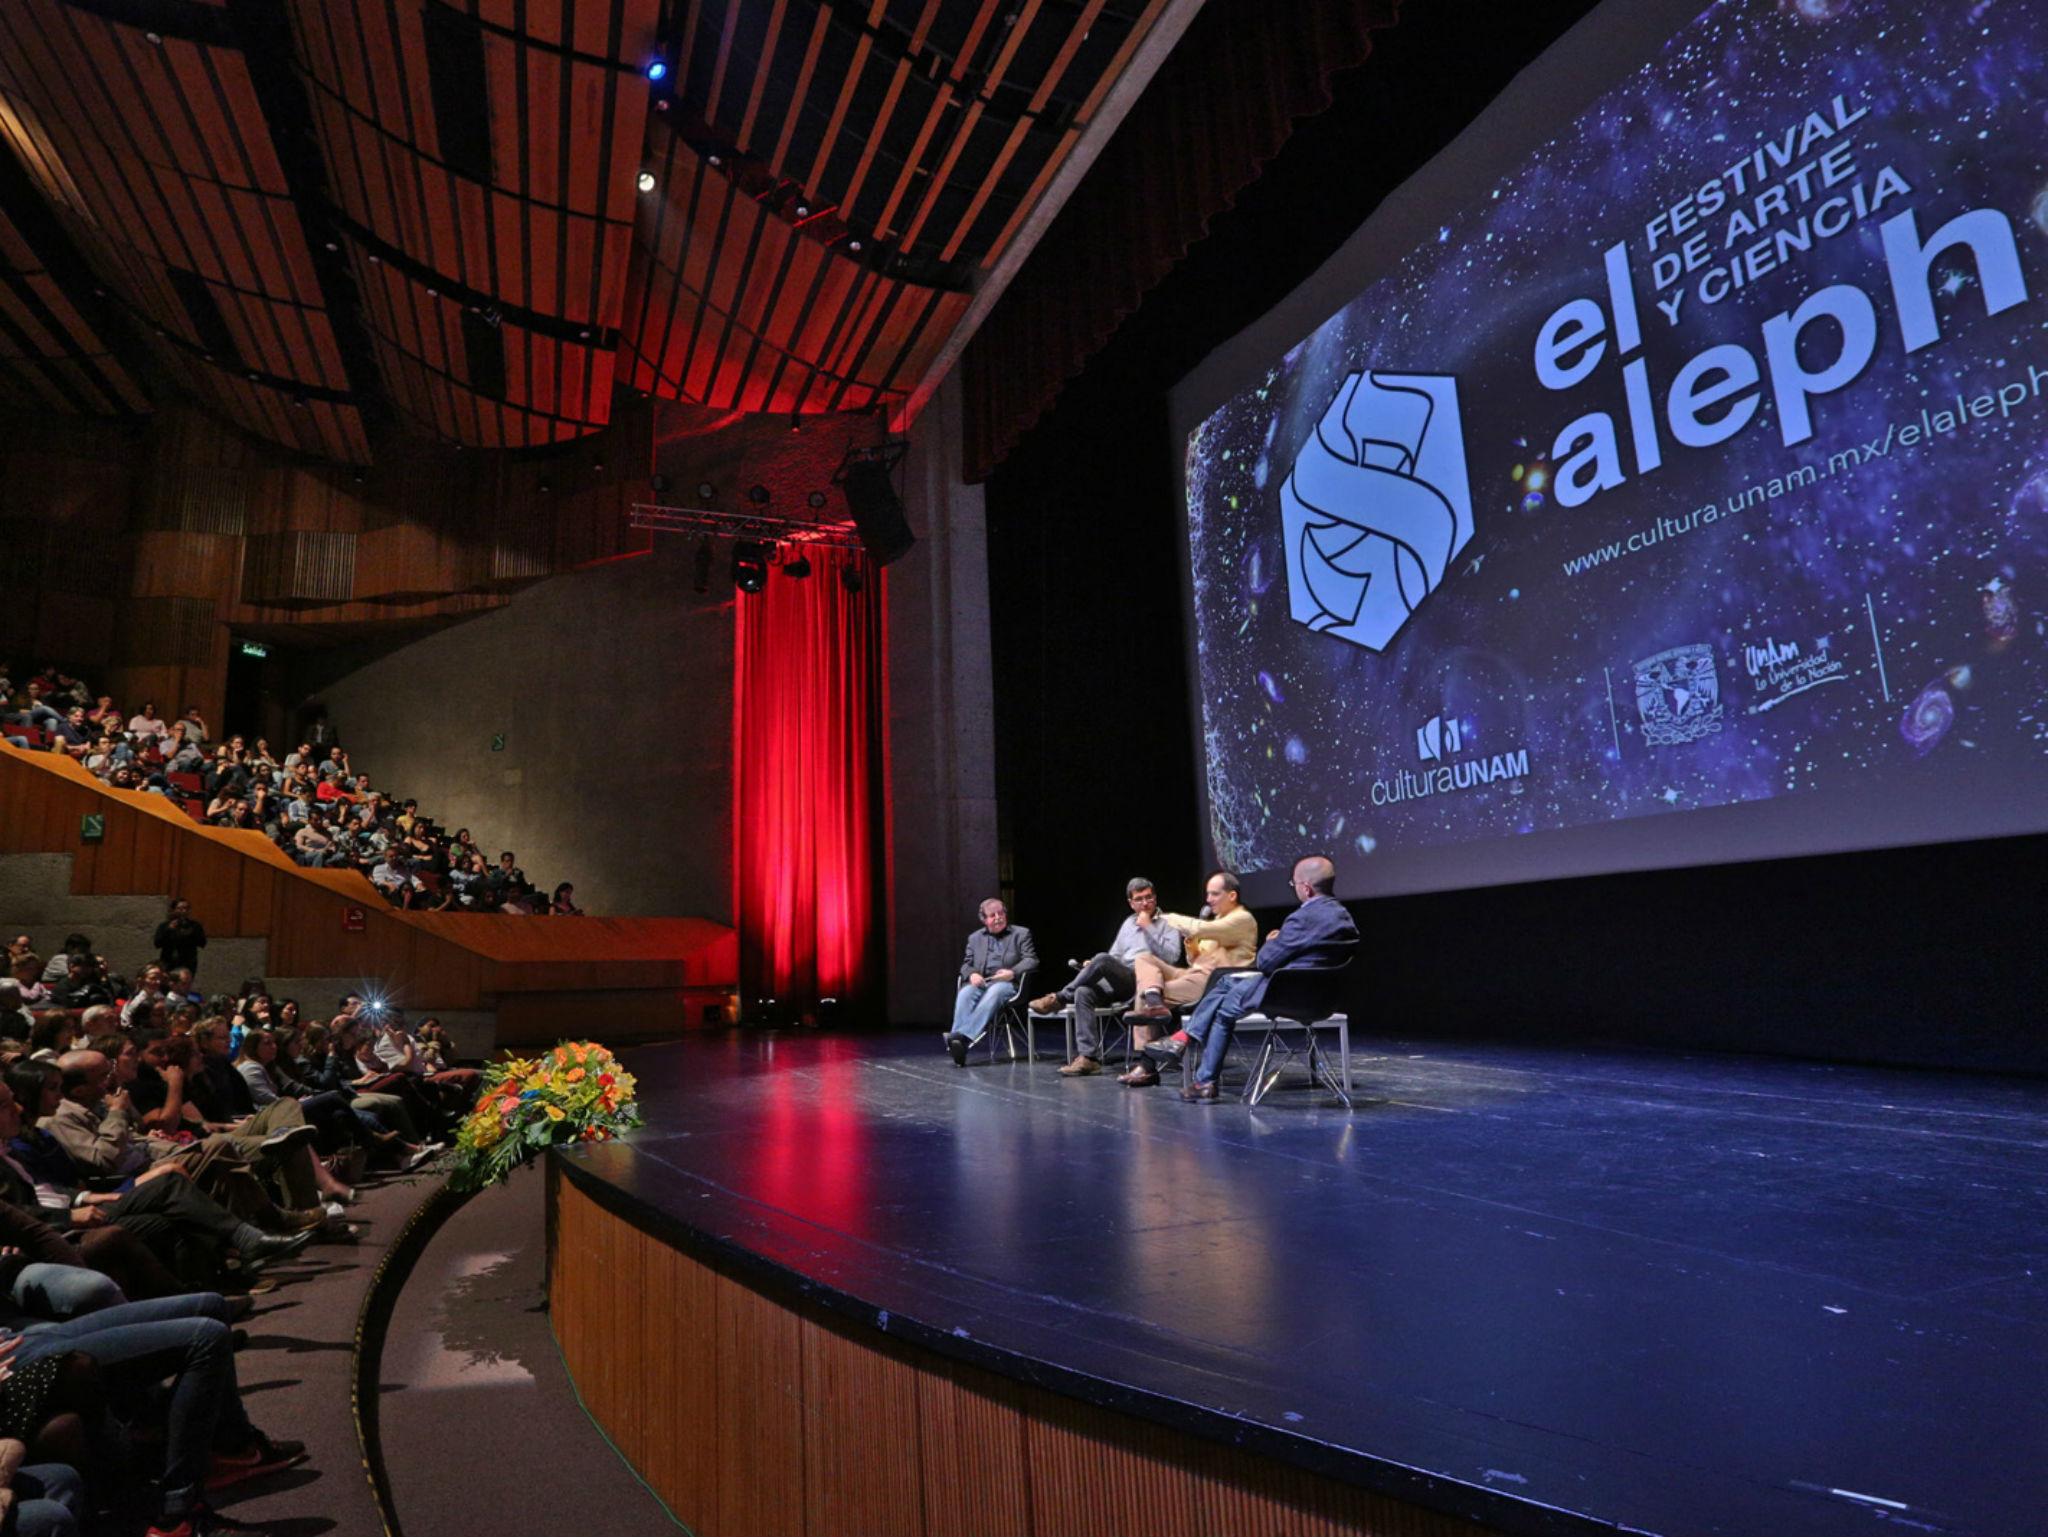 El Aleph. Festival de arte y ciencia de la UNAM